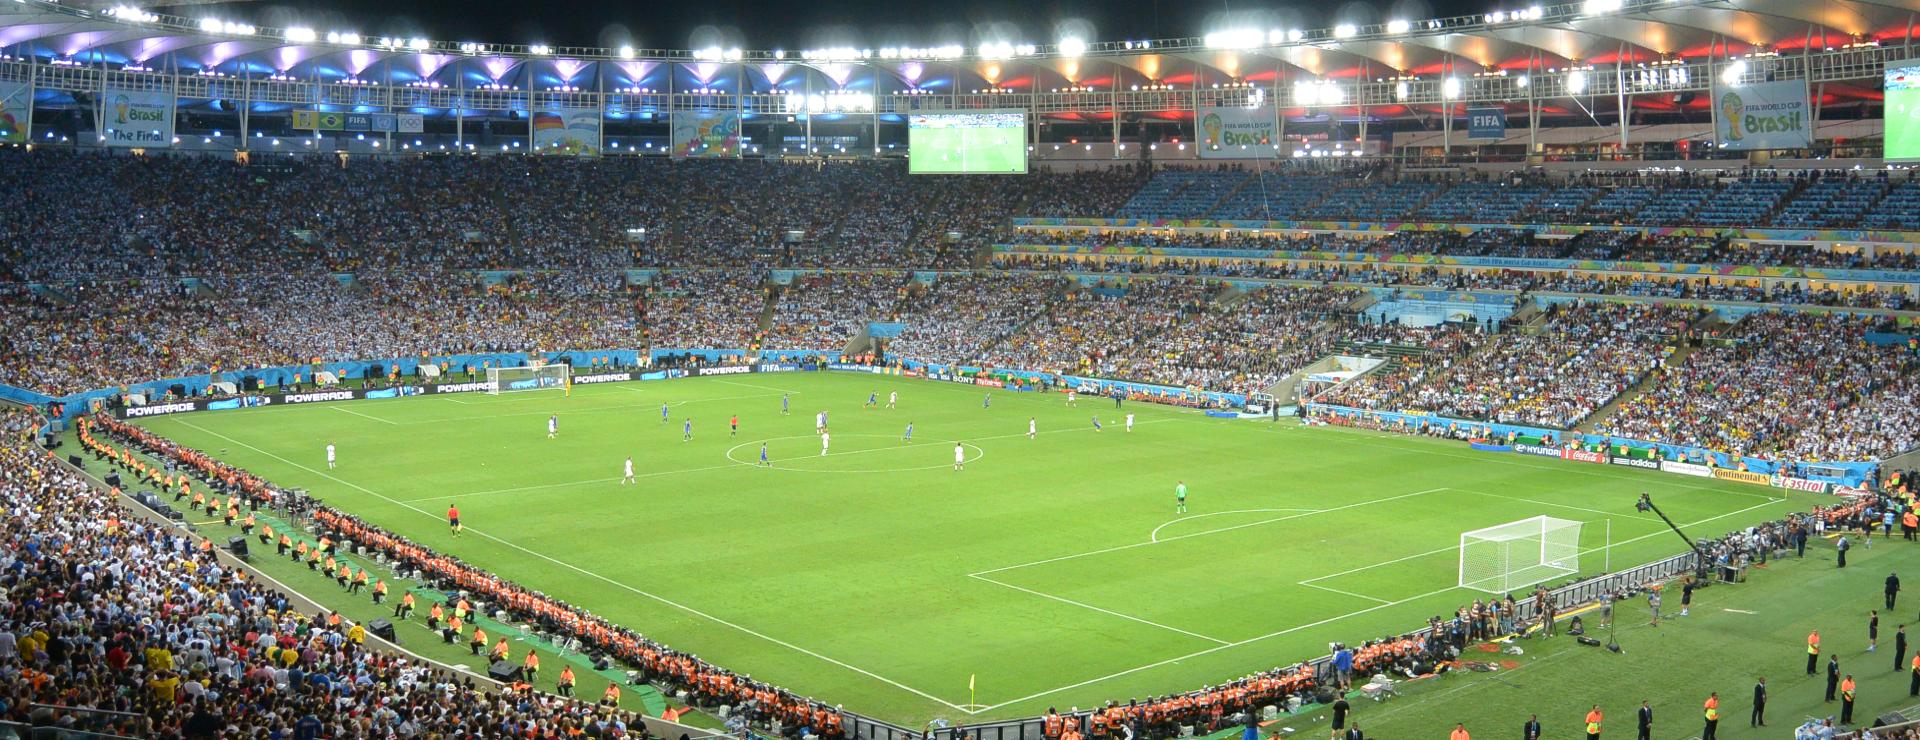 FIFA Fußball-Weltmeisterschaft 2014 in Brasilien: W-com schafft für Hyundai unvergessliche Erlebnisse